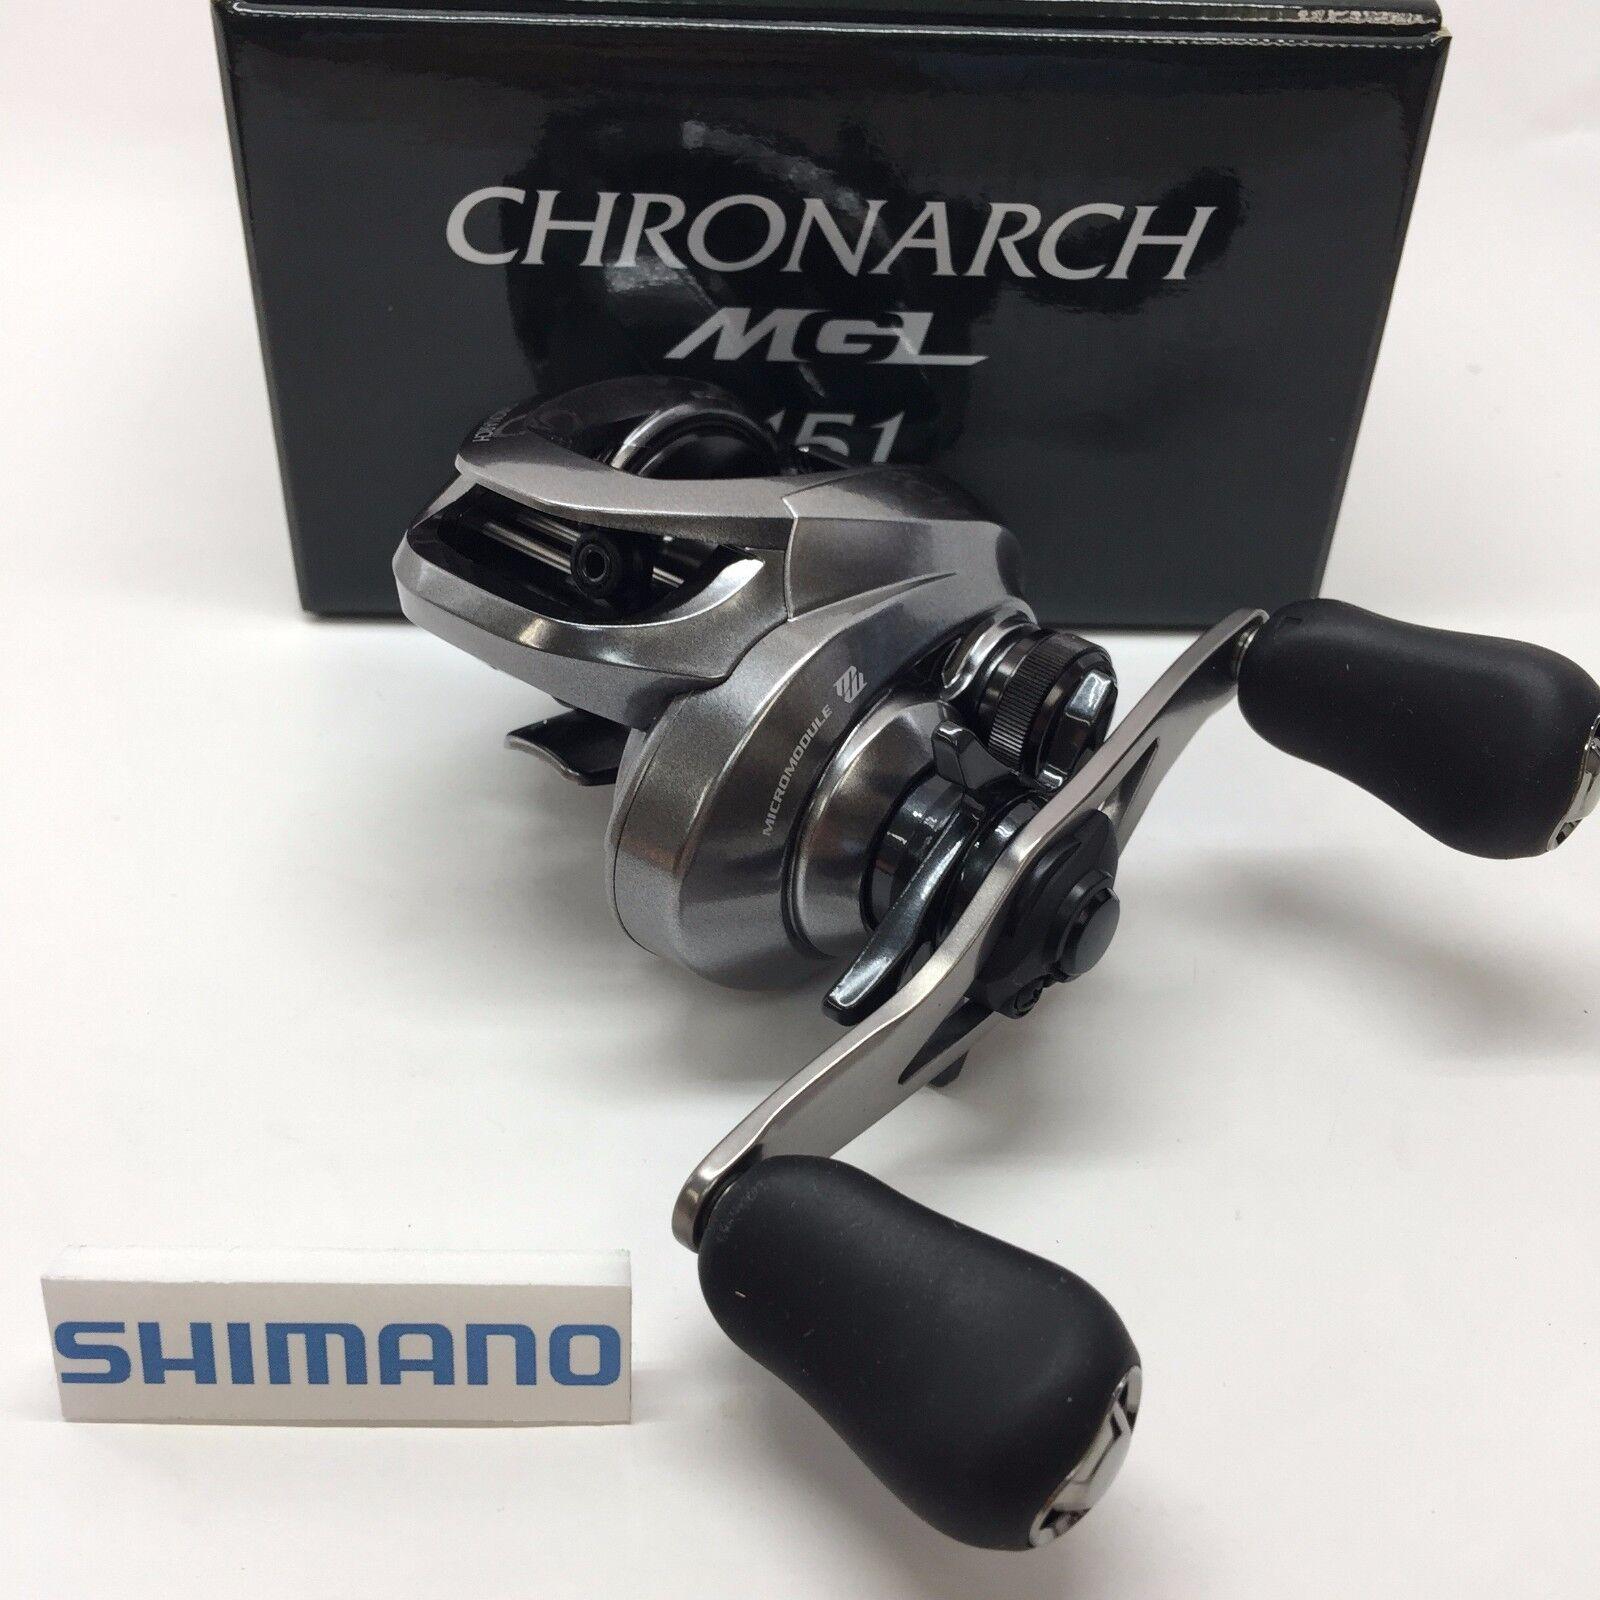 Shimano 17 Chronarch MGL 151 izquierda-Envío gratuito desde Japón